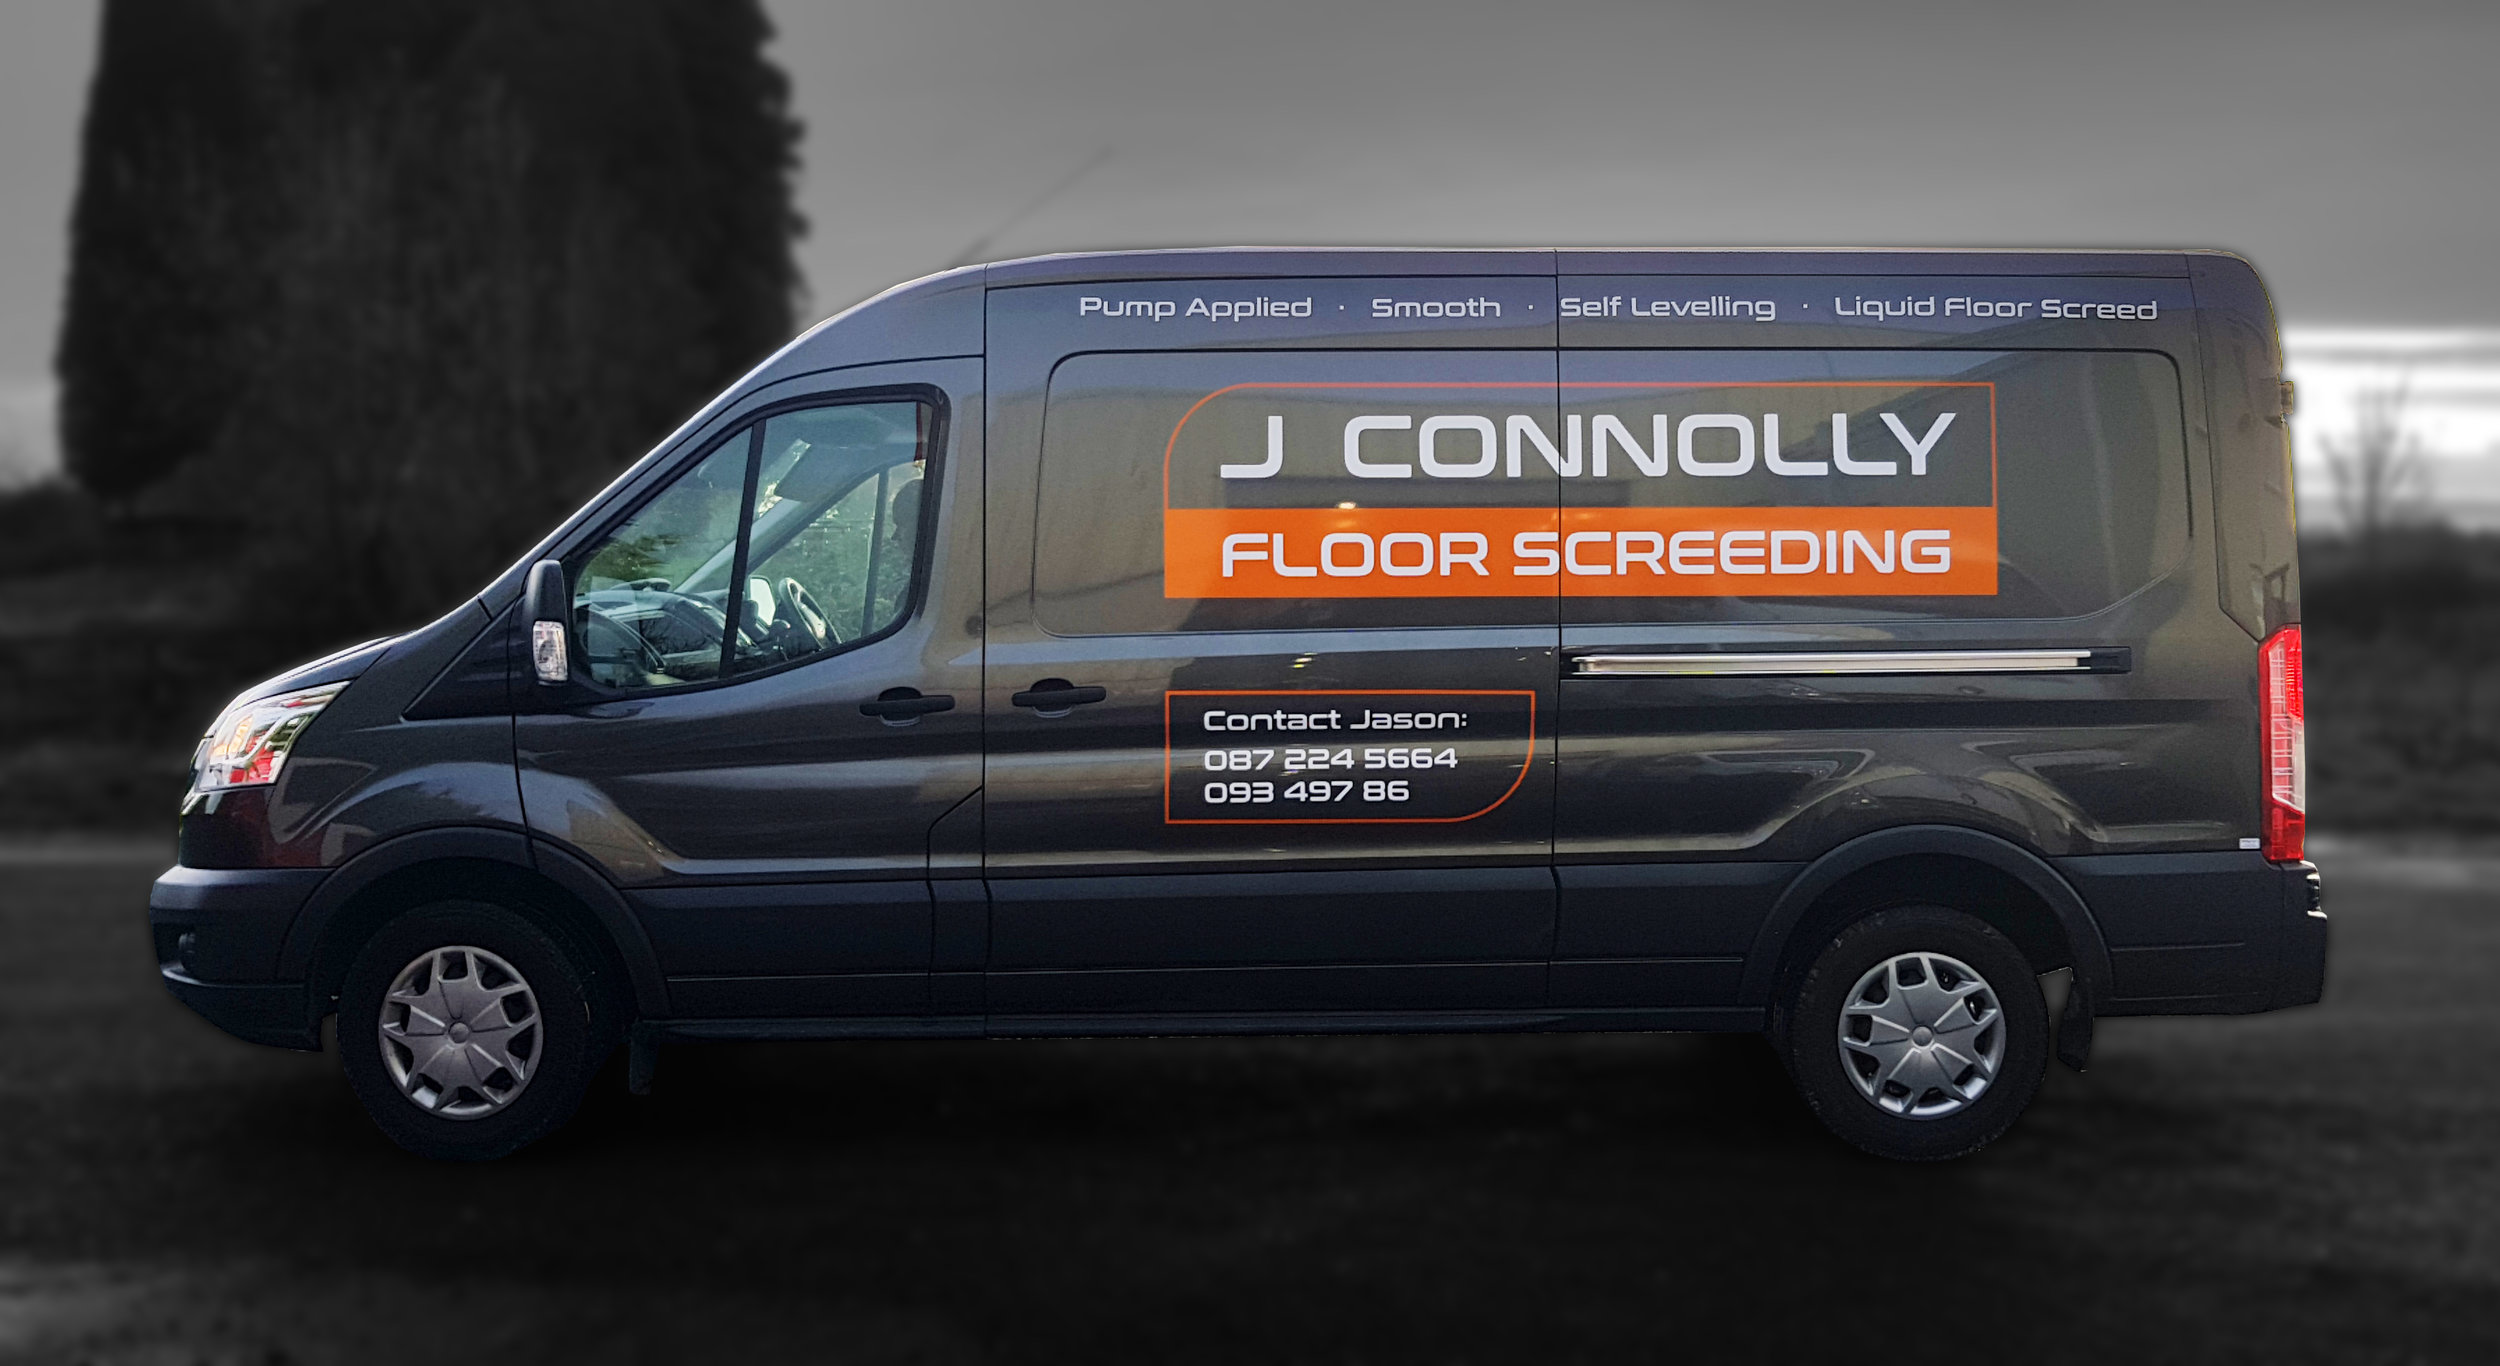 J Connolly Floor Screeding